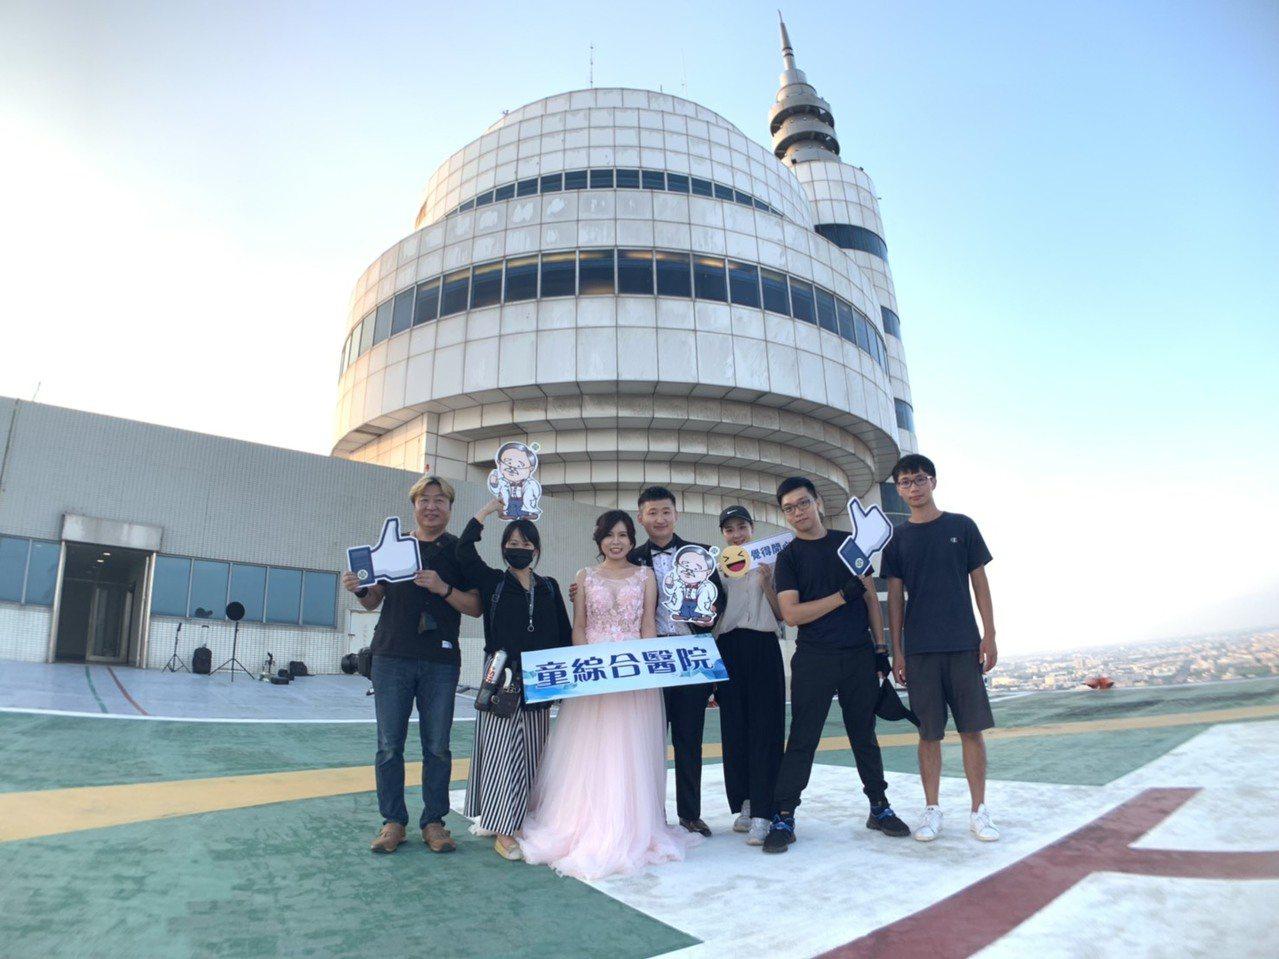 童綜合醫院醫師謝函穎選在醫院超高樓頂拍婚紗照,這是頂樓救護停機坪。圖/童醫院提供